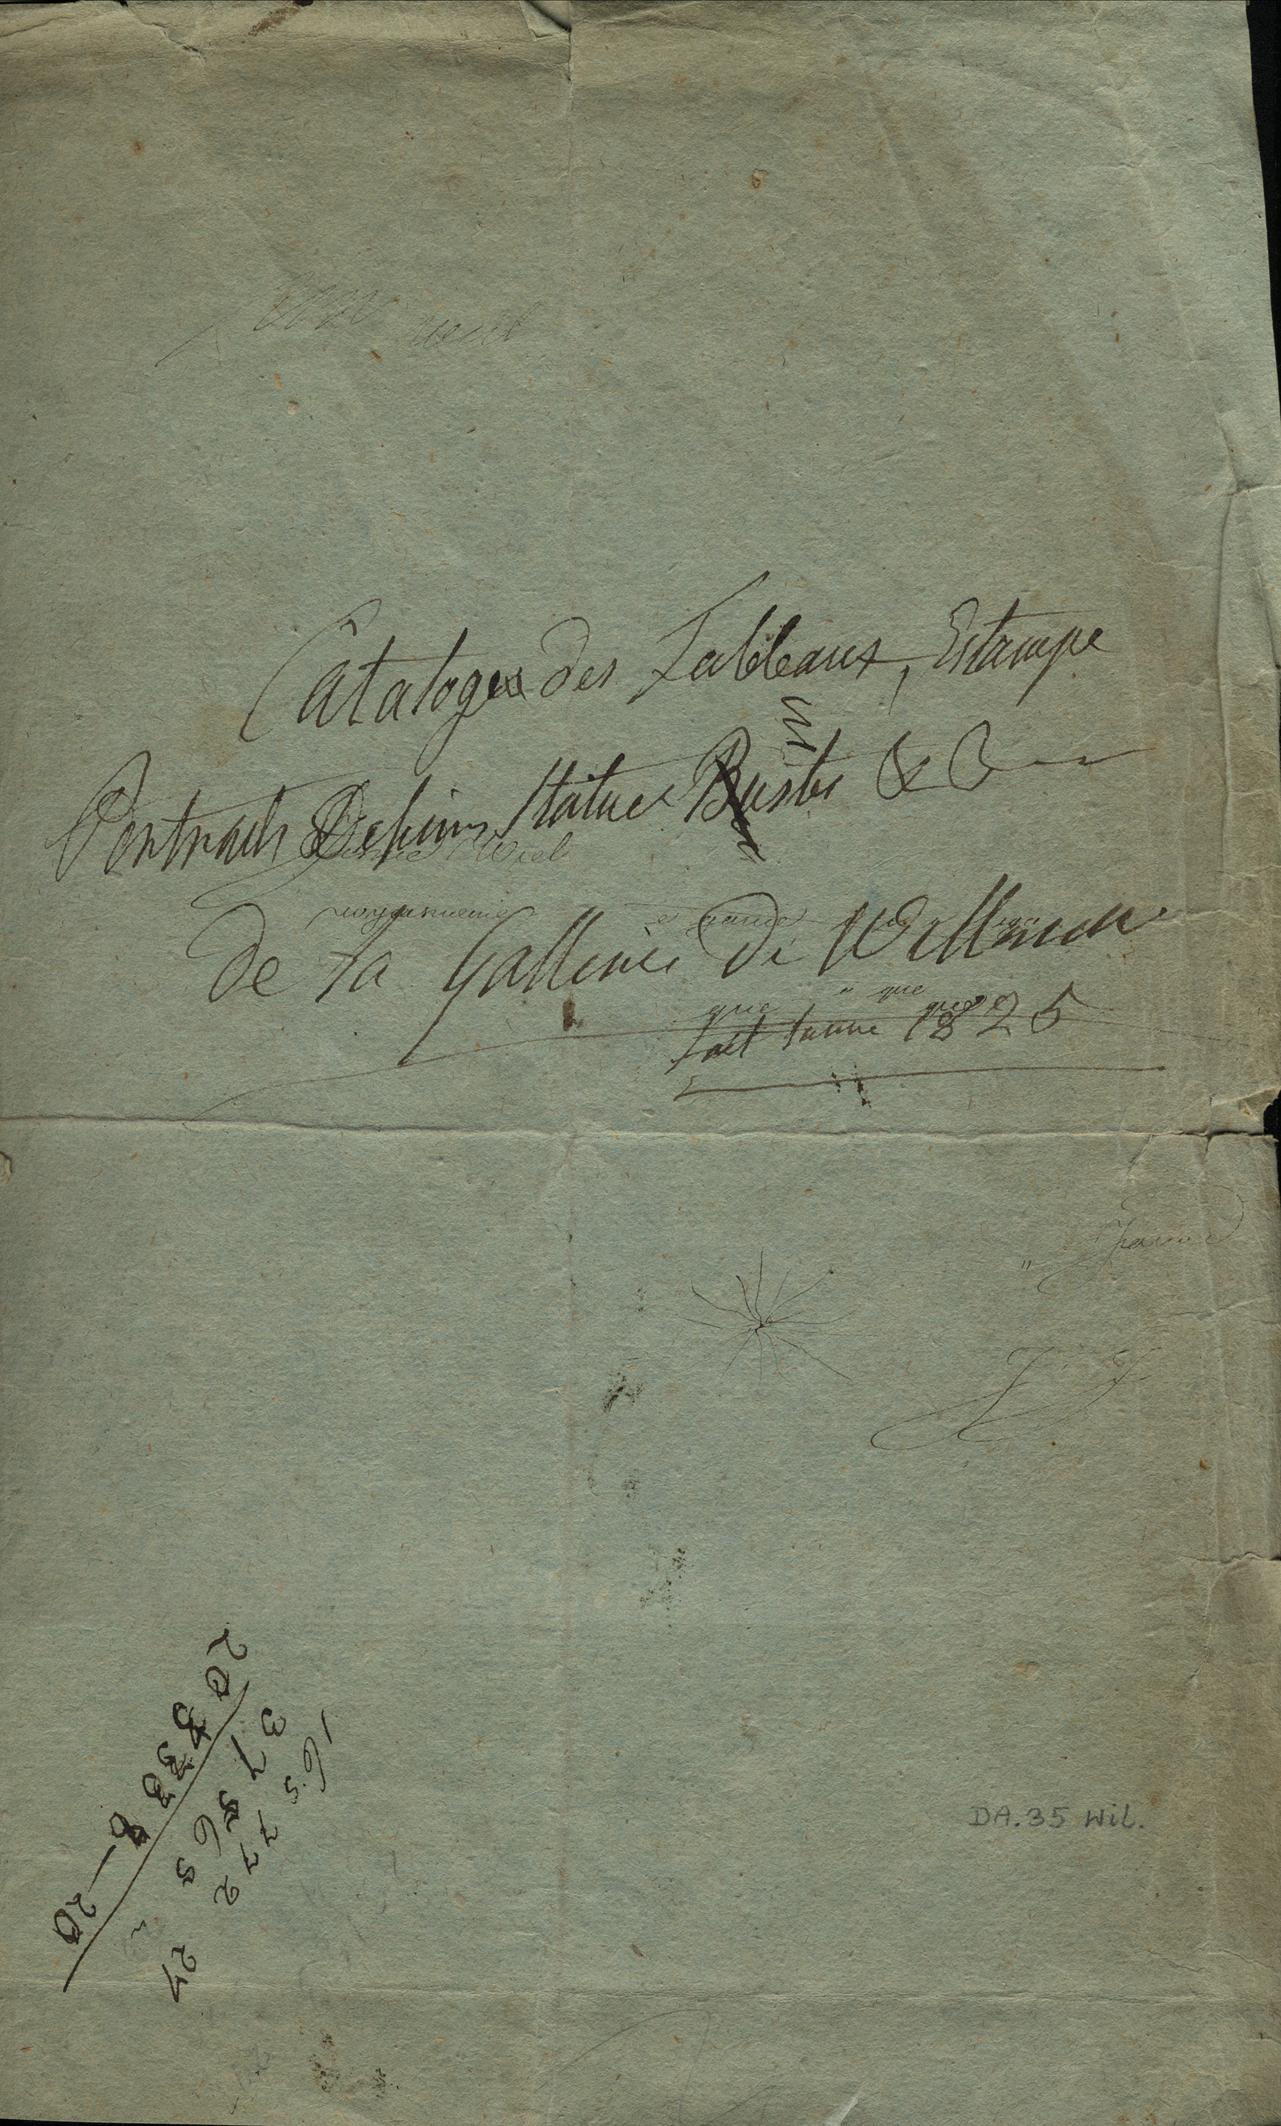 Inwentarz obrazów z pałacu wilanowskiego z roku 1825, pierwsza karta